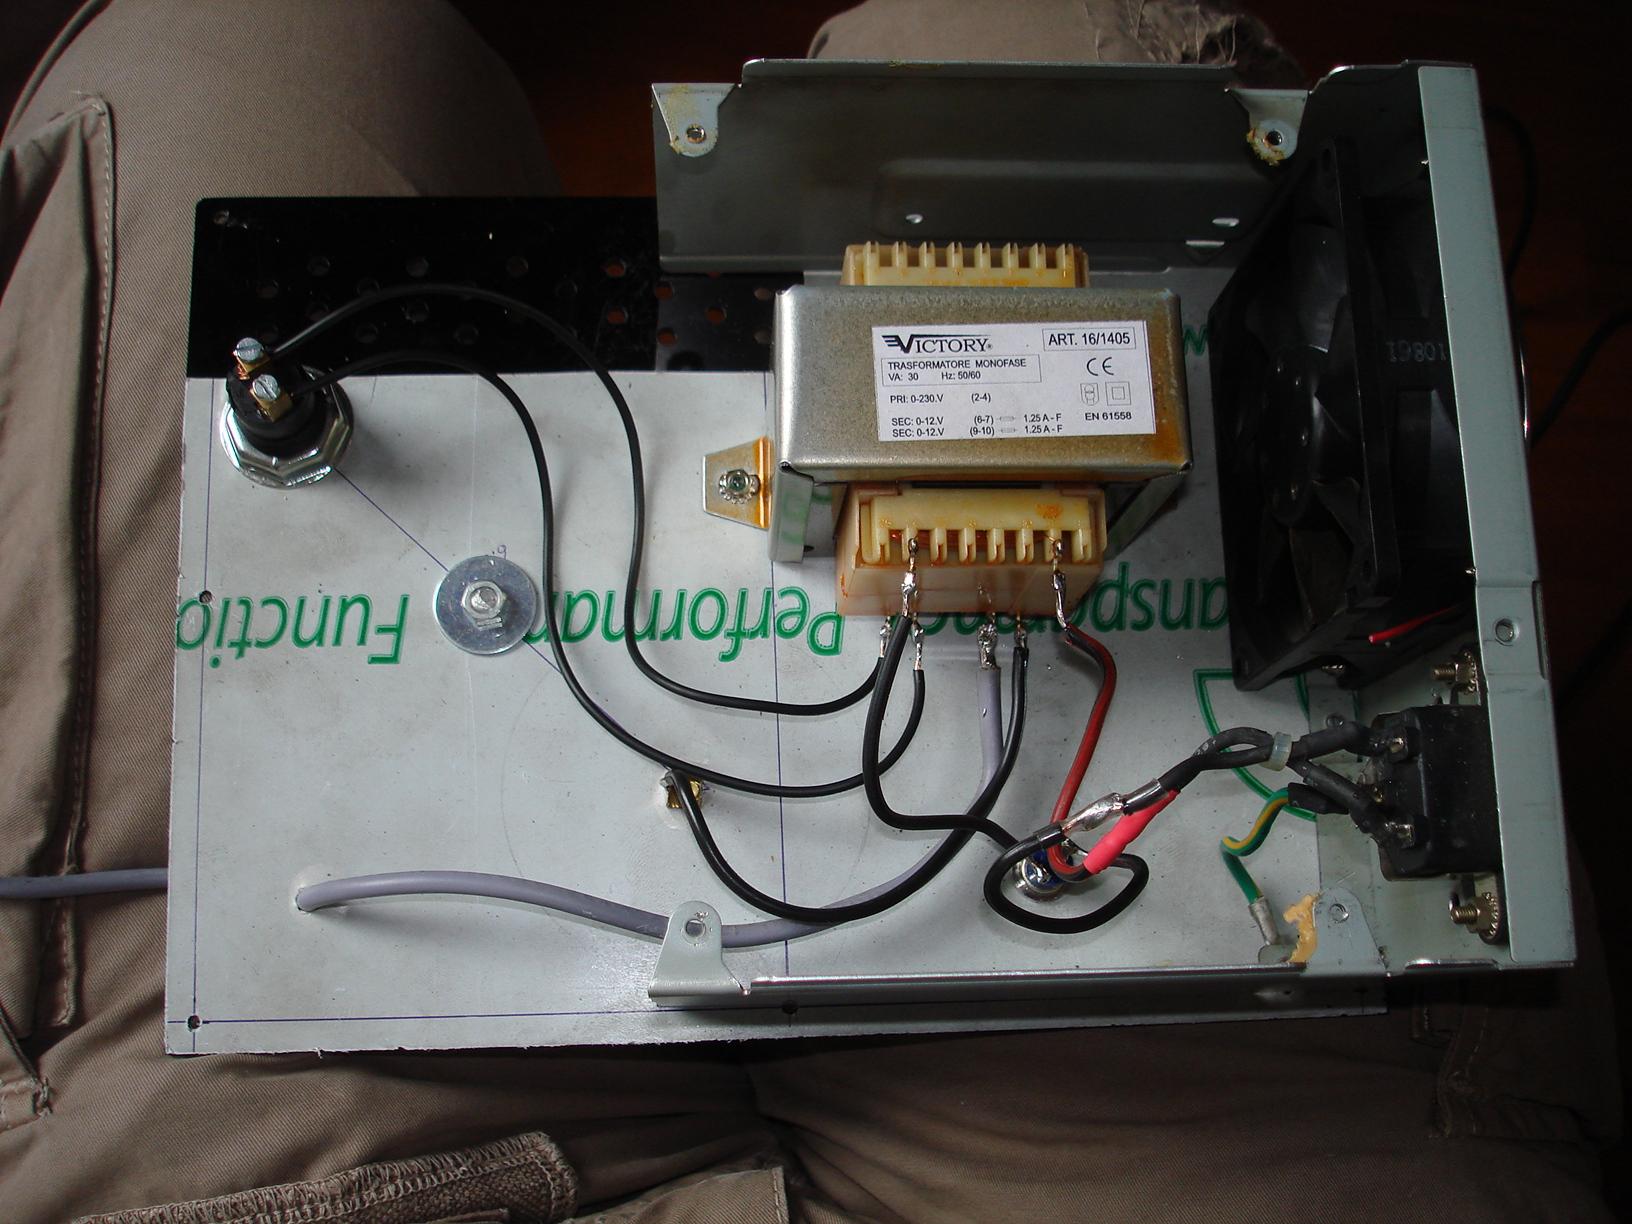 Come costruire una puntatrice elettrica - Areacom